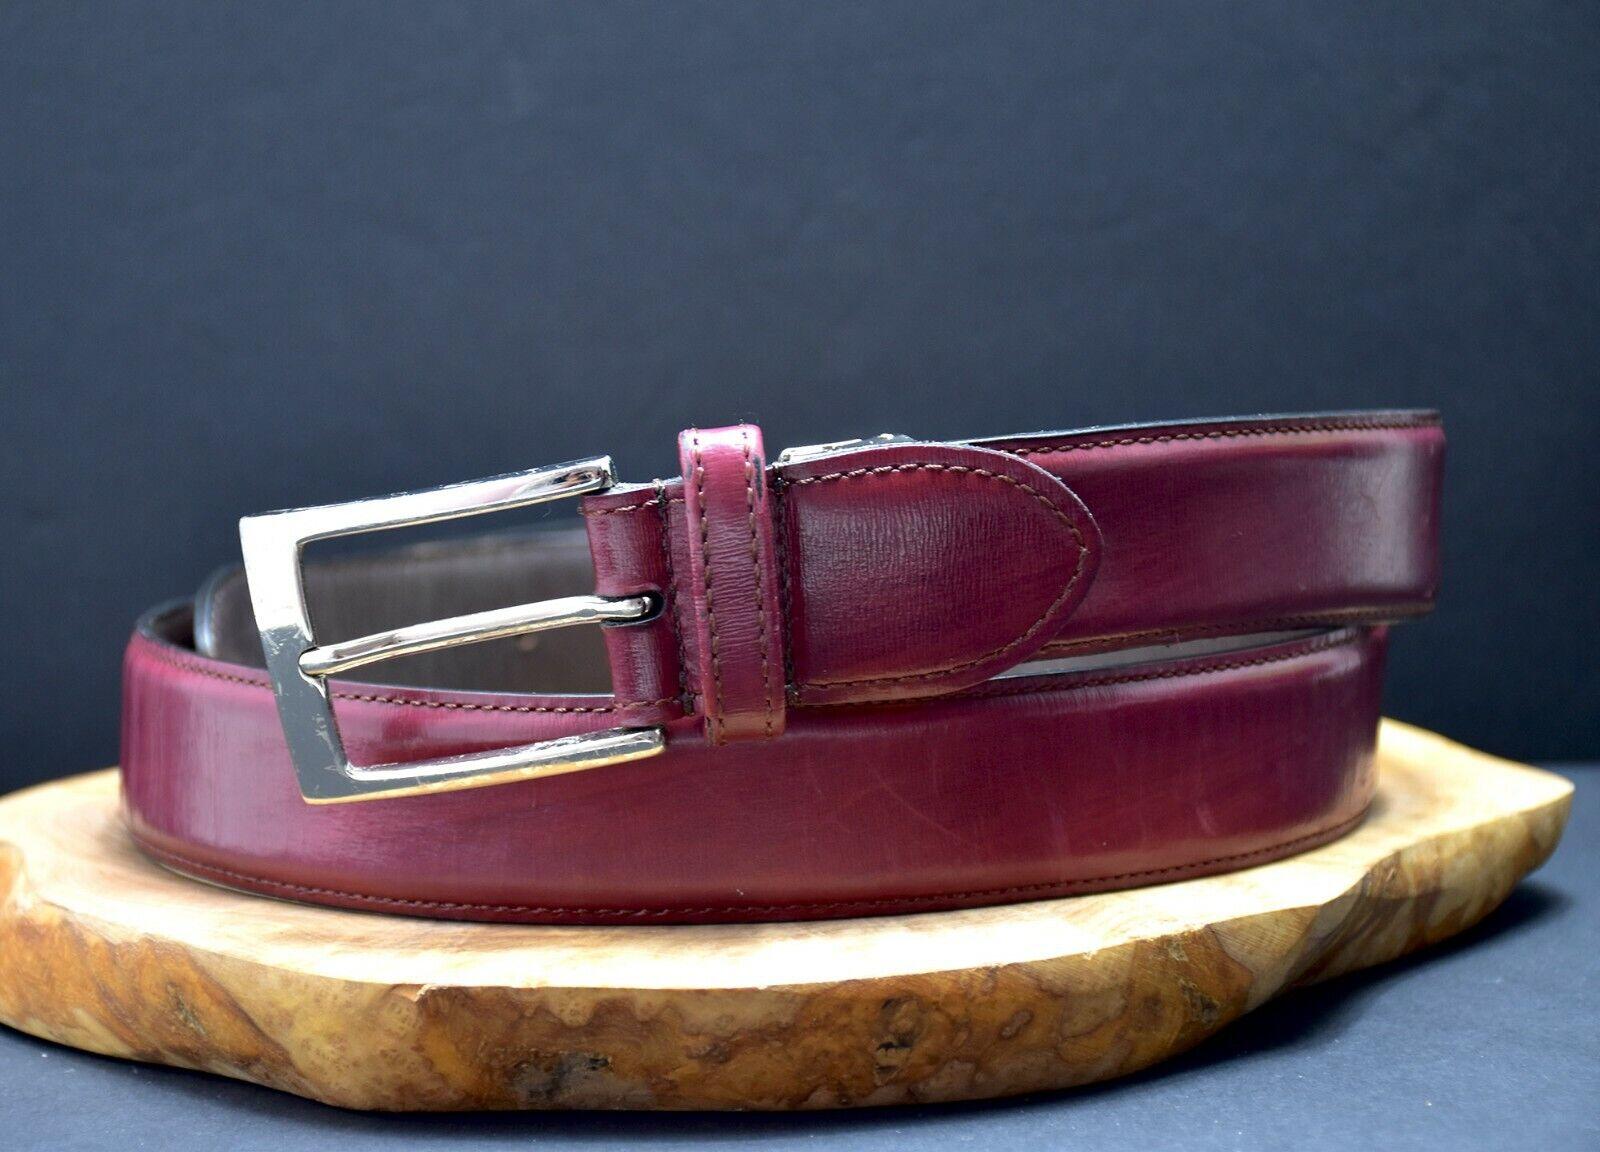 Balteus Mens Original Ledergürtel Hergestellt IN Japan Rot-Braun Größe 36